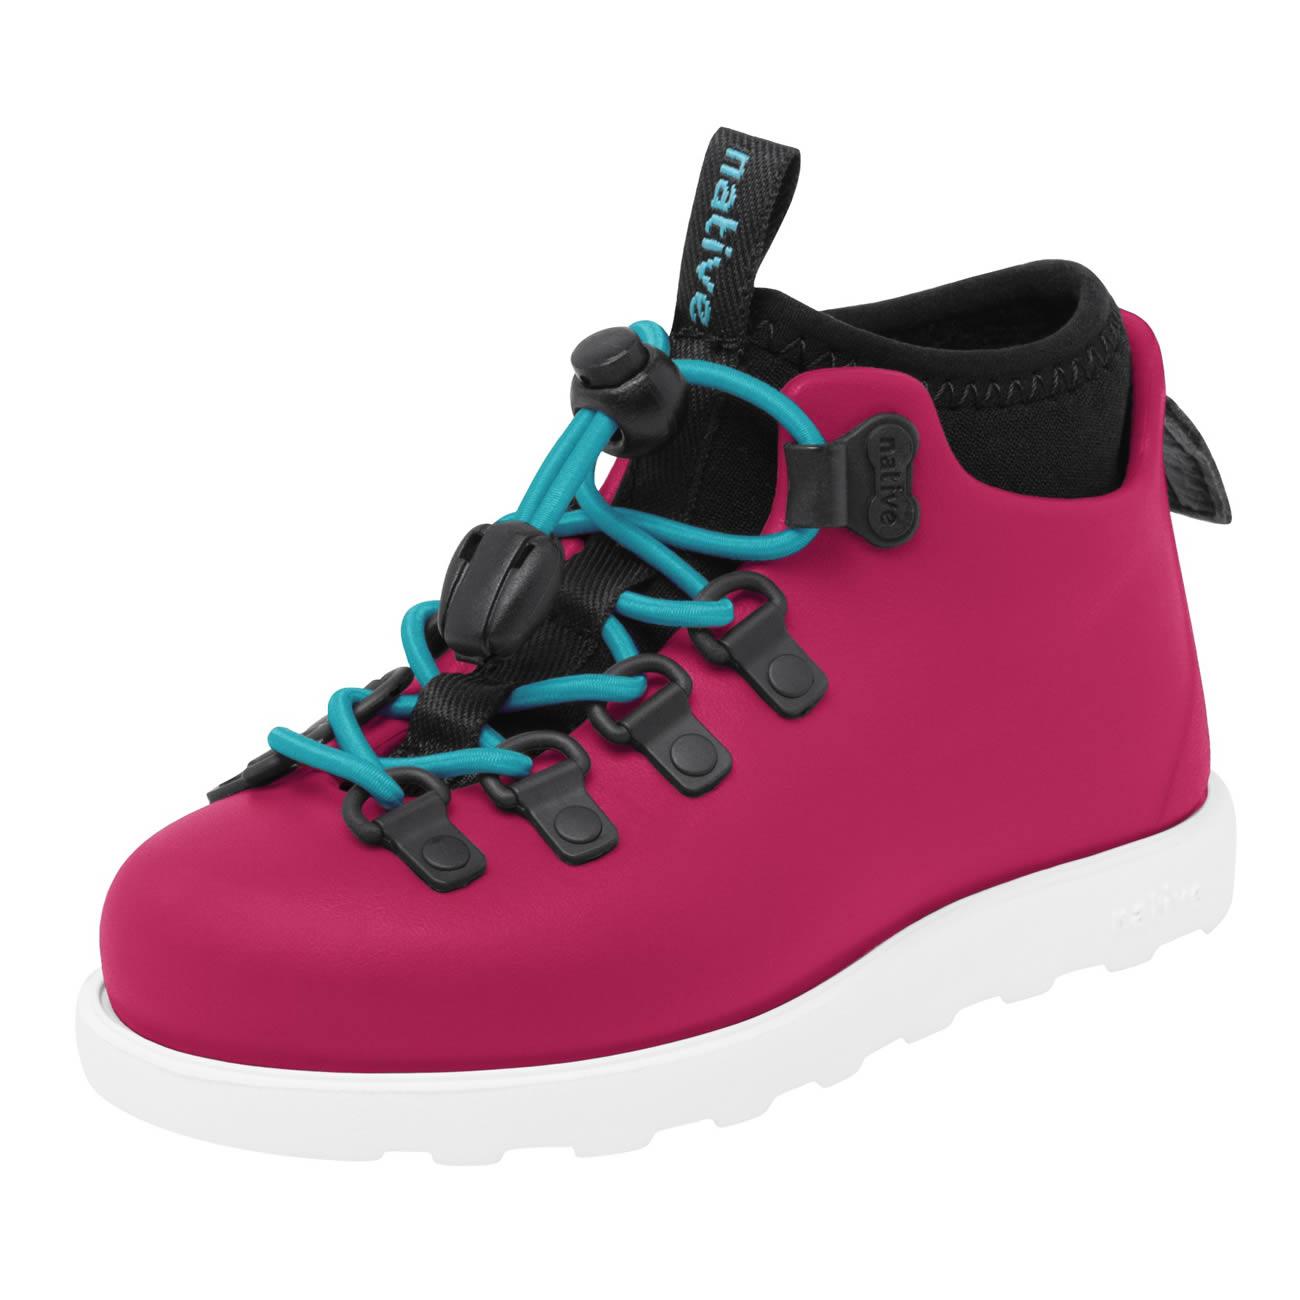 Stivaletto Anti Pioggia Bambina Scarpe Impermeabili Native Shoes Fitzsimmons Pink vista di spigolo